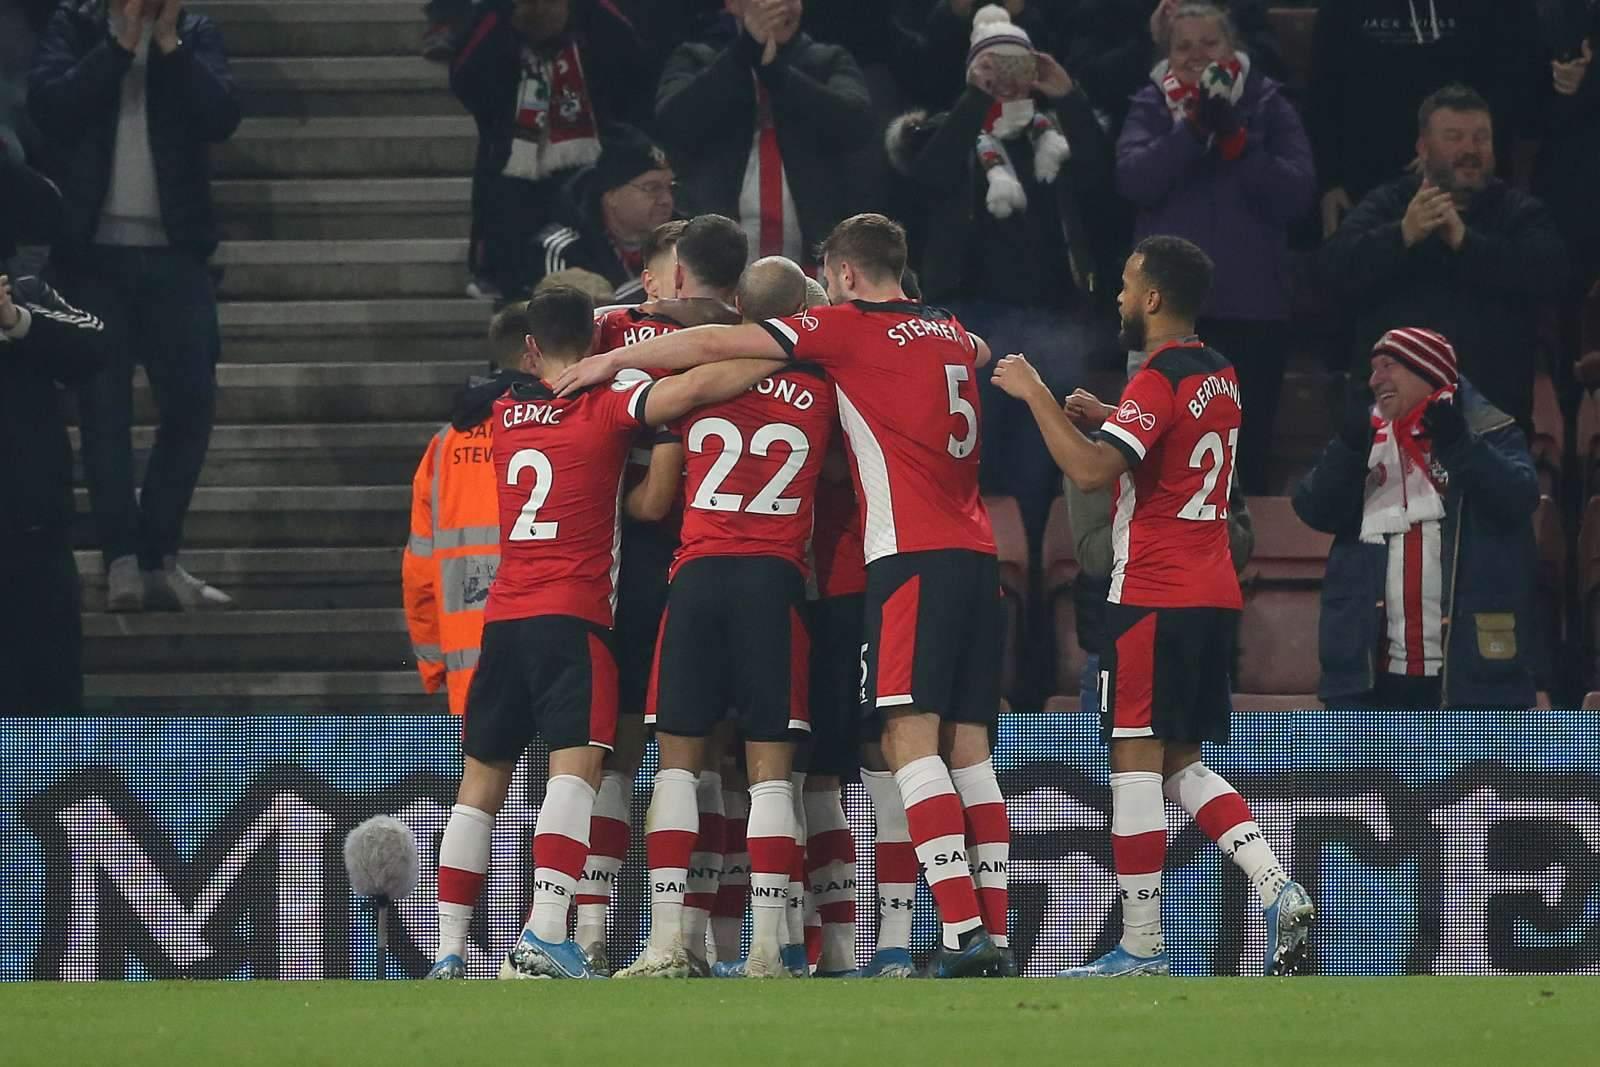 АПЛ перенесла матч между «Лидсом» и «Саутгемптоном» на неопределённое время